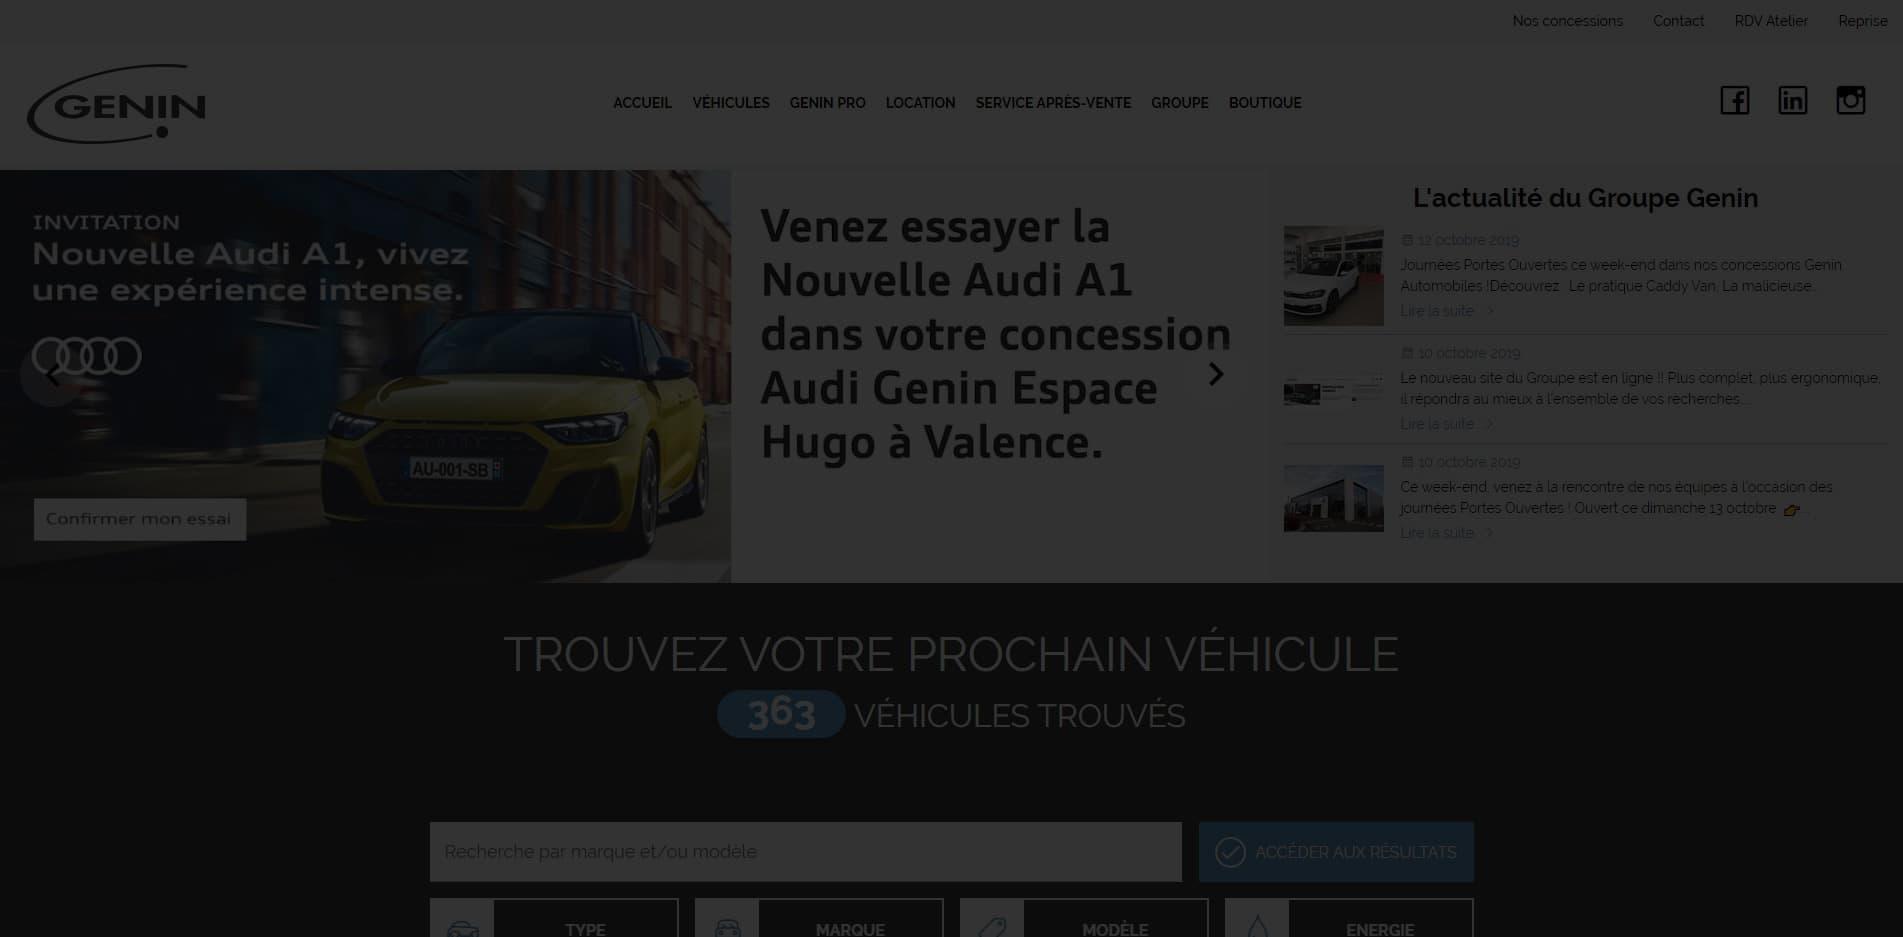 Nouveau site Groupe Genin Automobiles